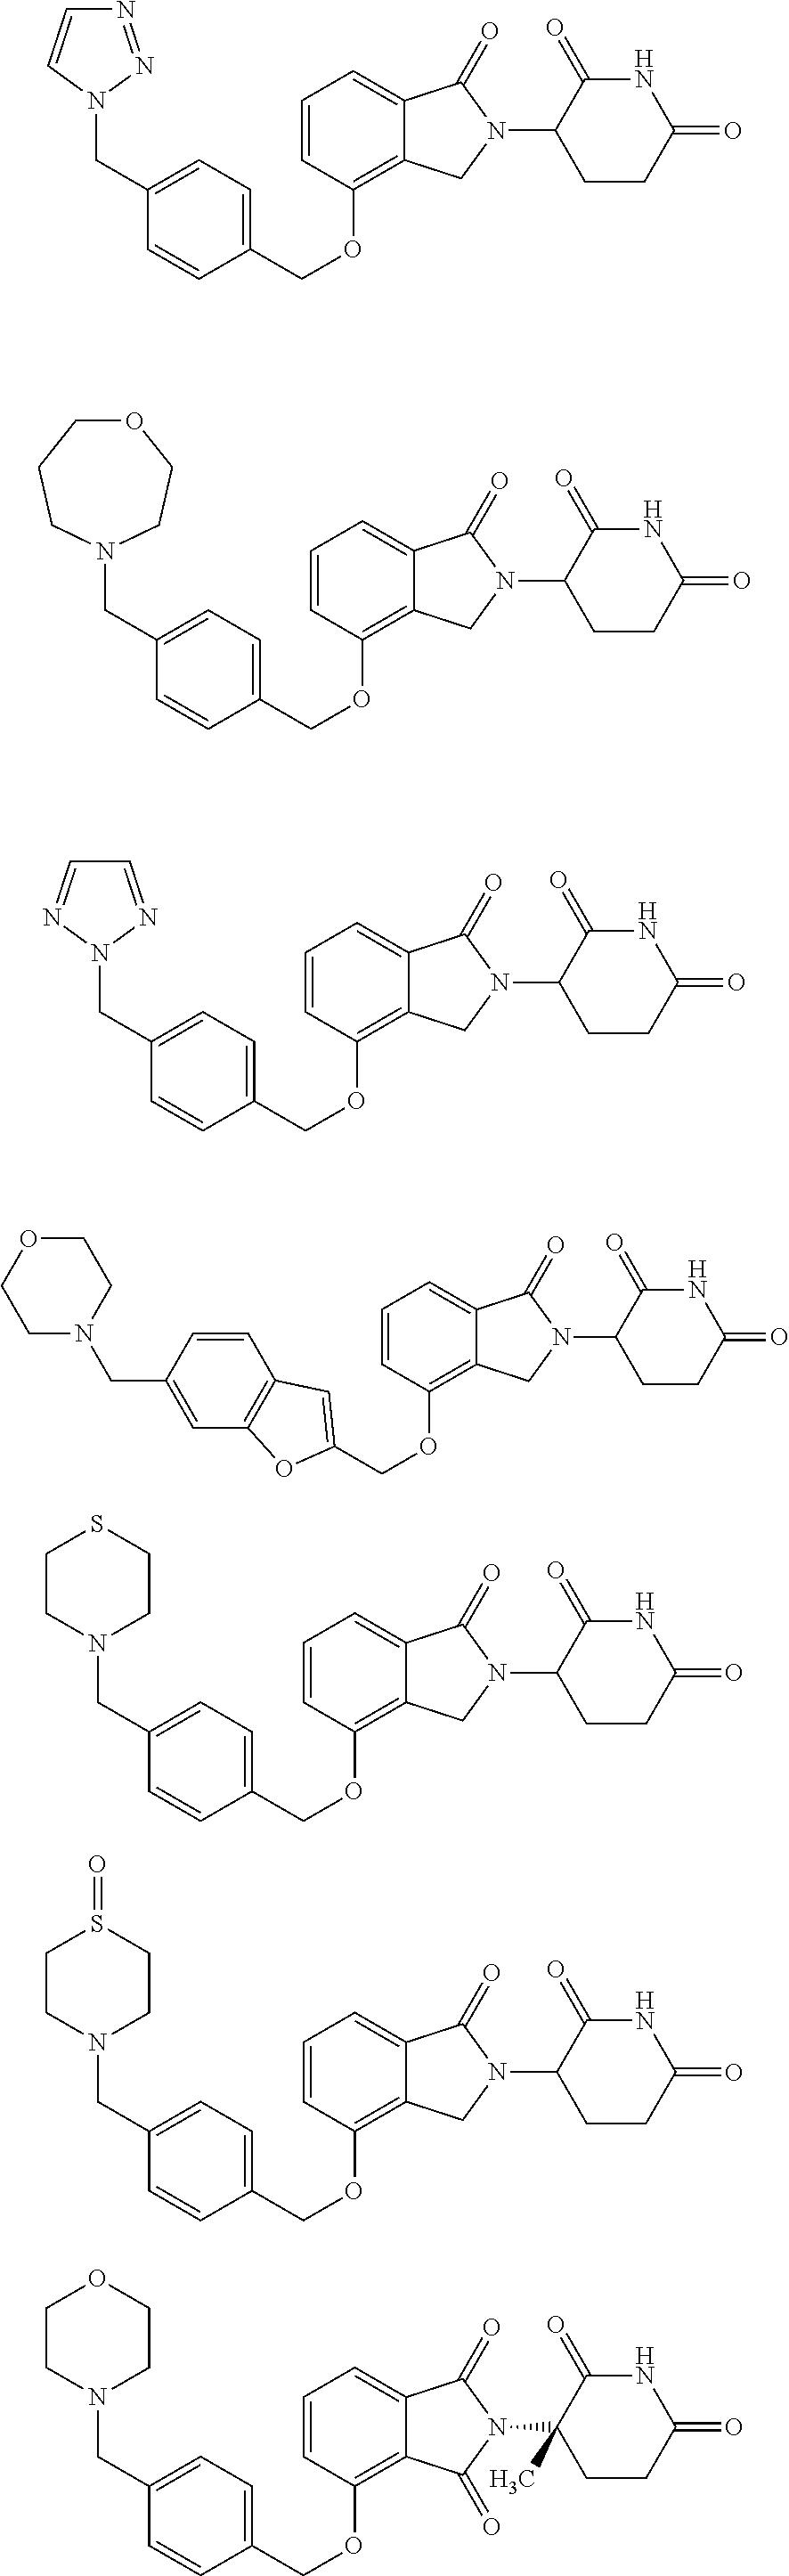 Figure US20110196150A1-20110811-C00008